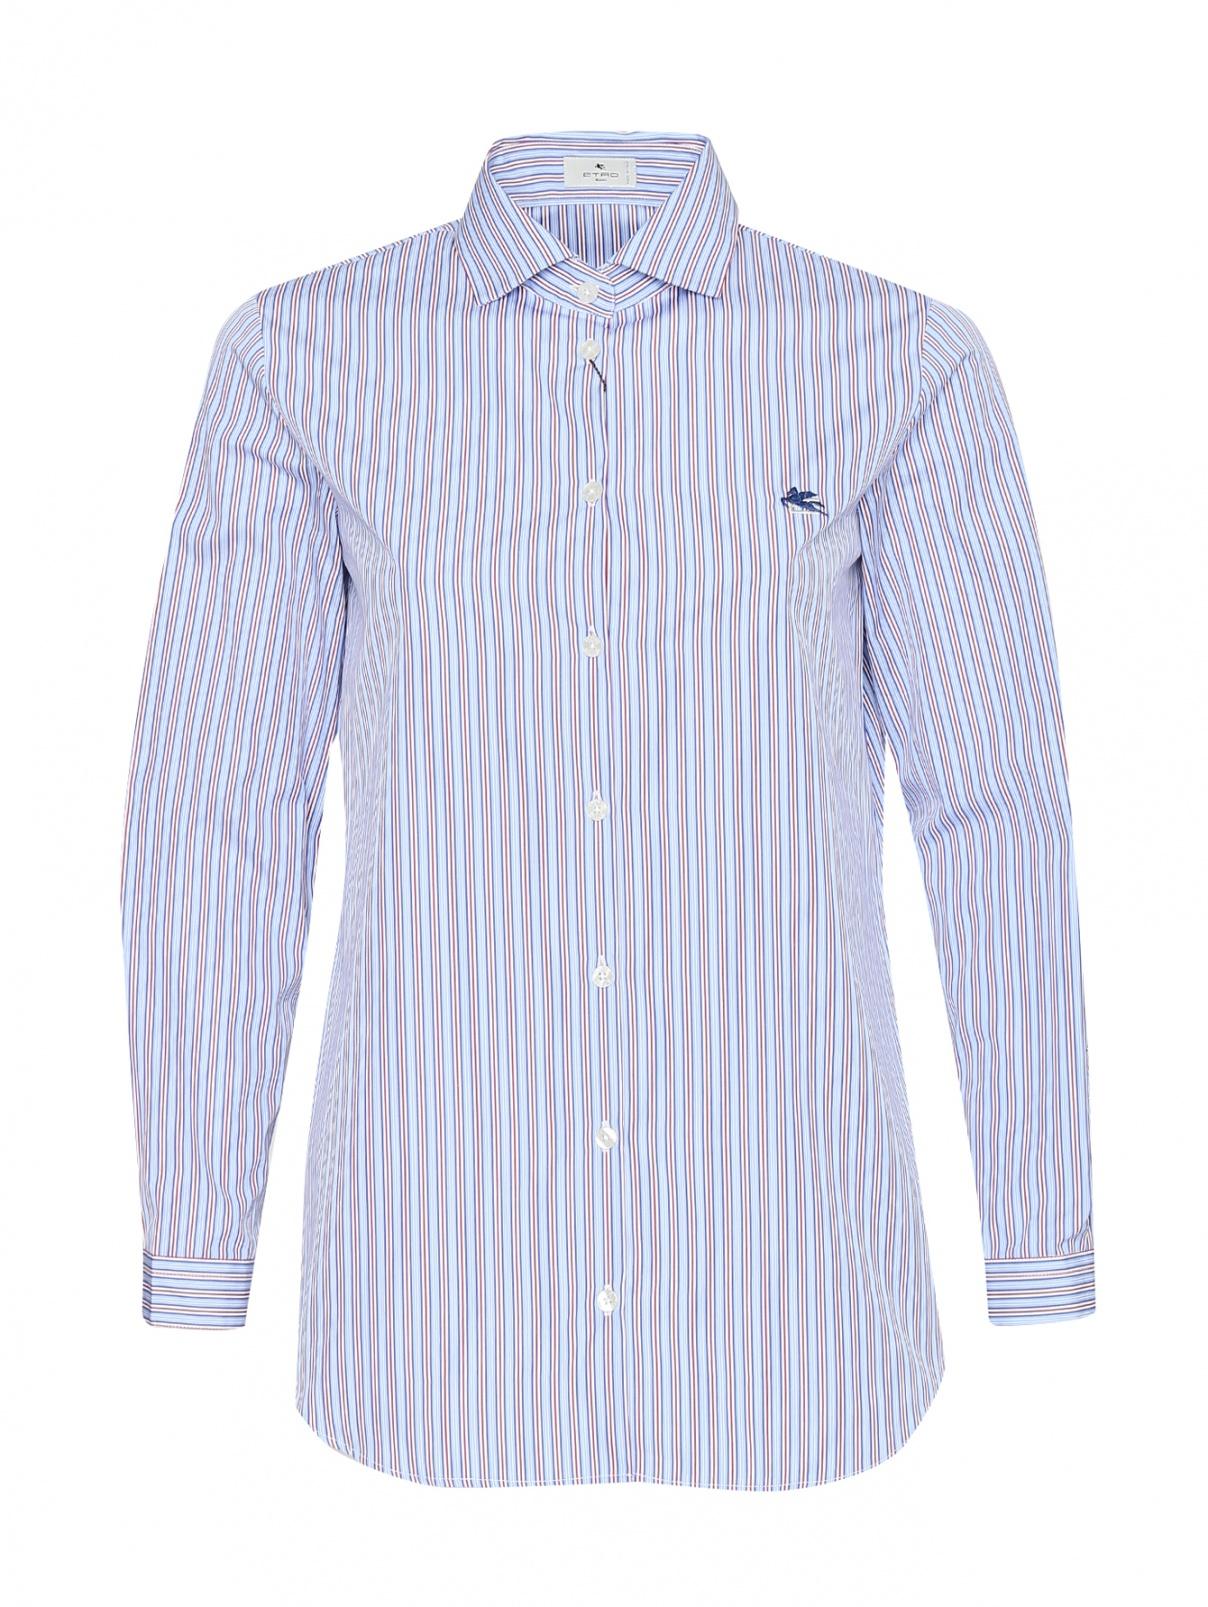 Рубашка из хлопка с узором полоска Etro  –  Общий вид